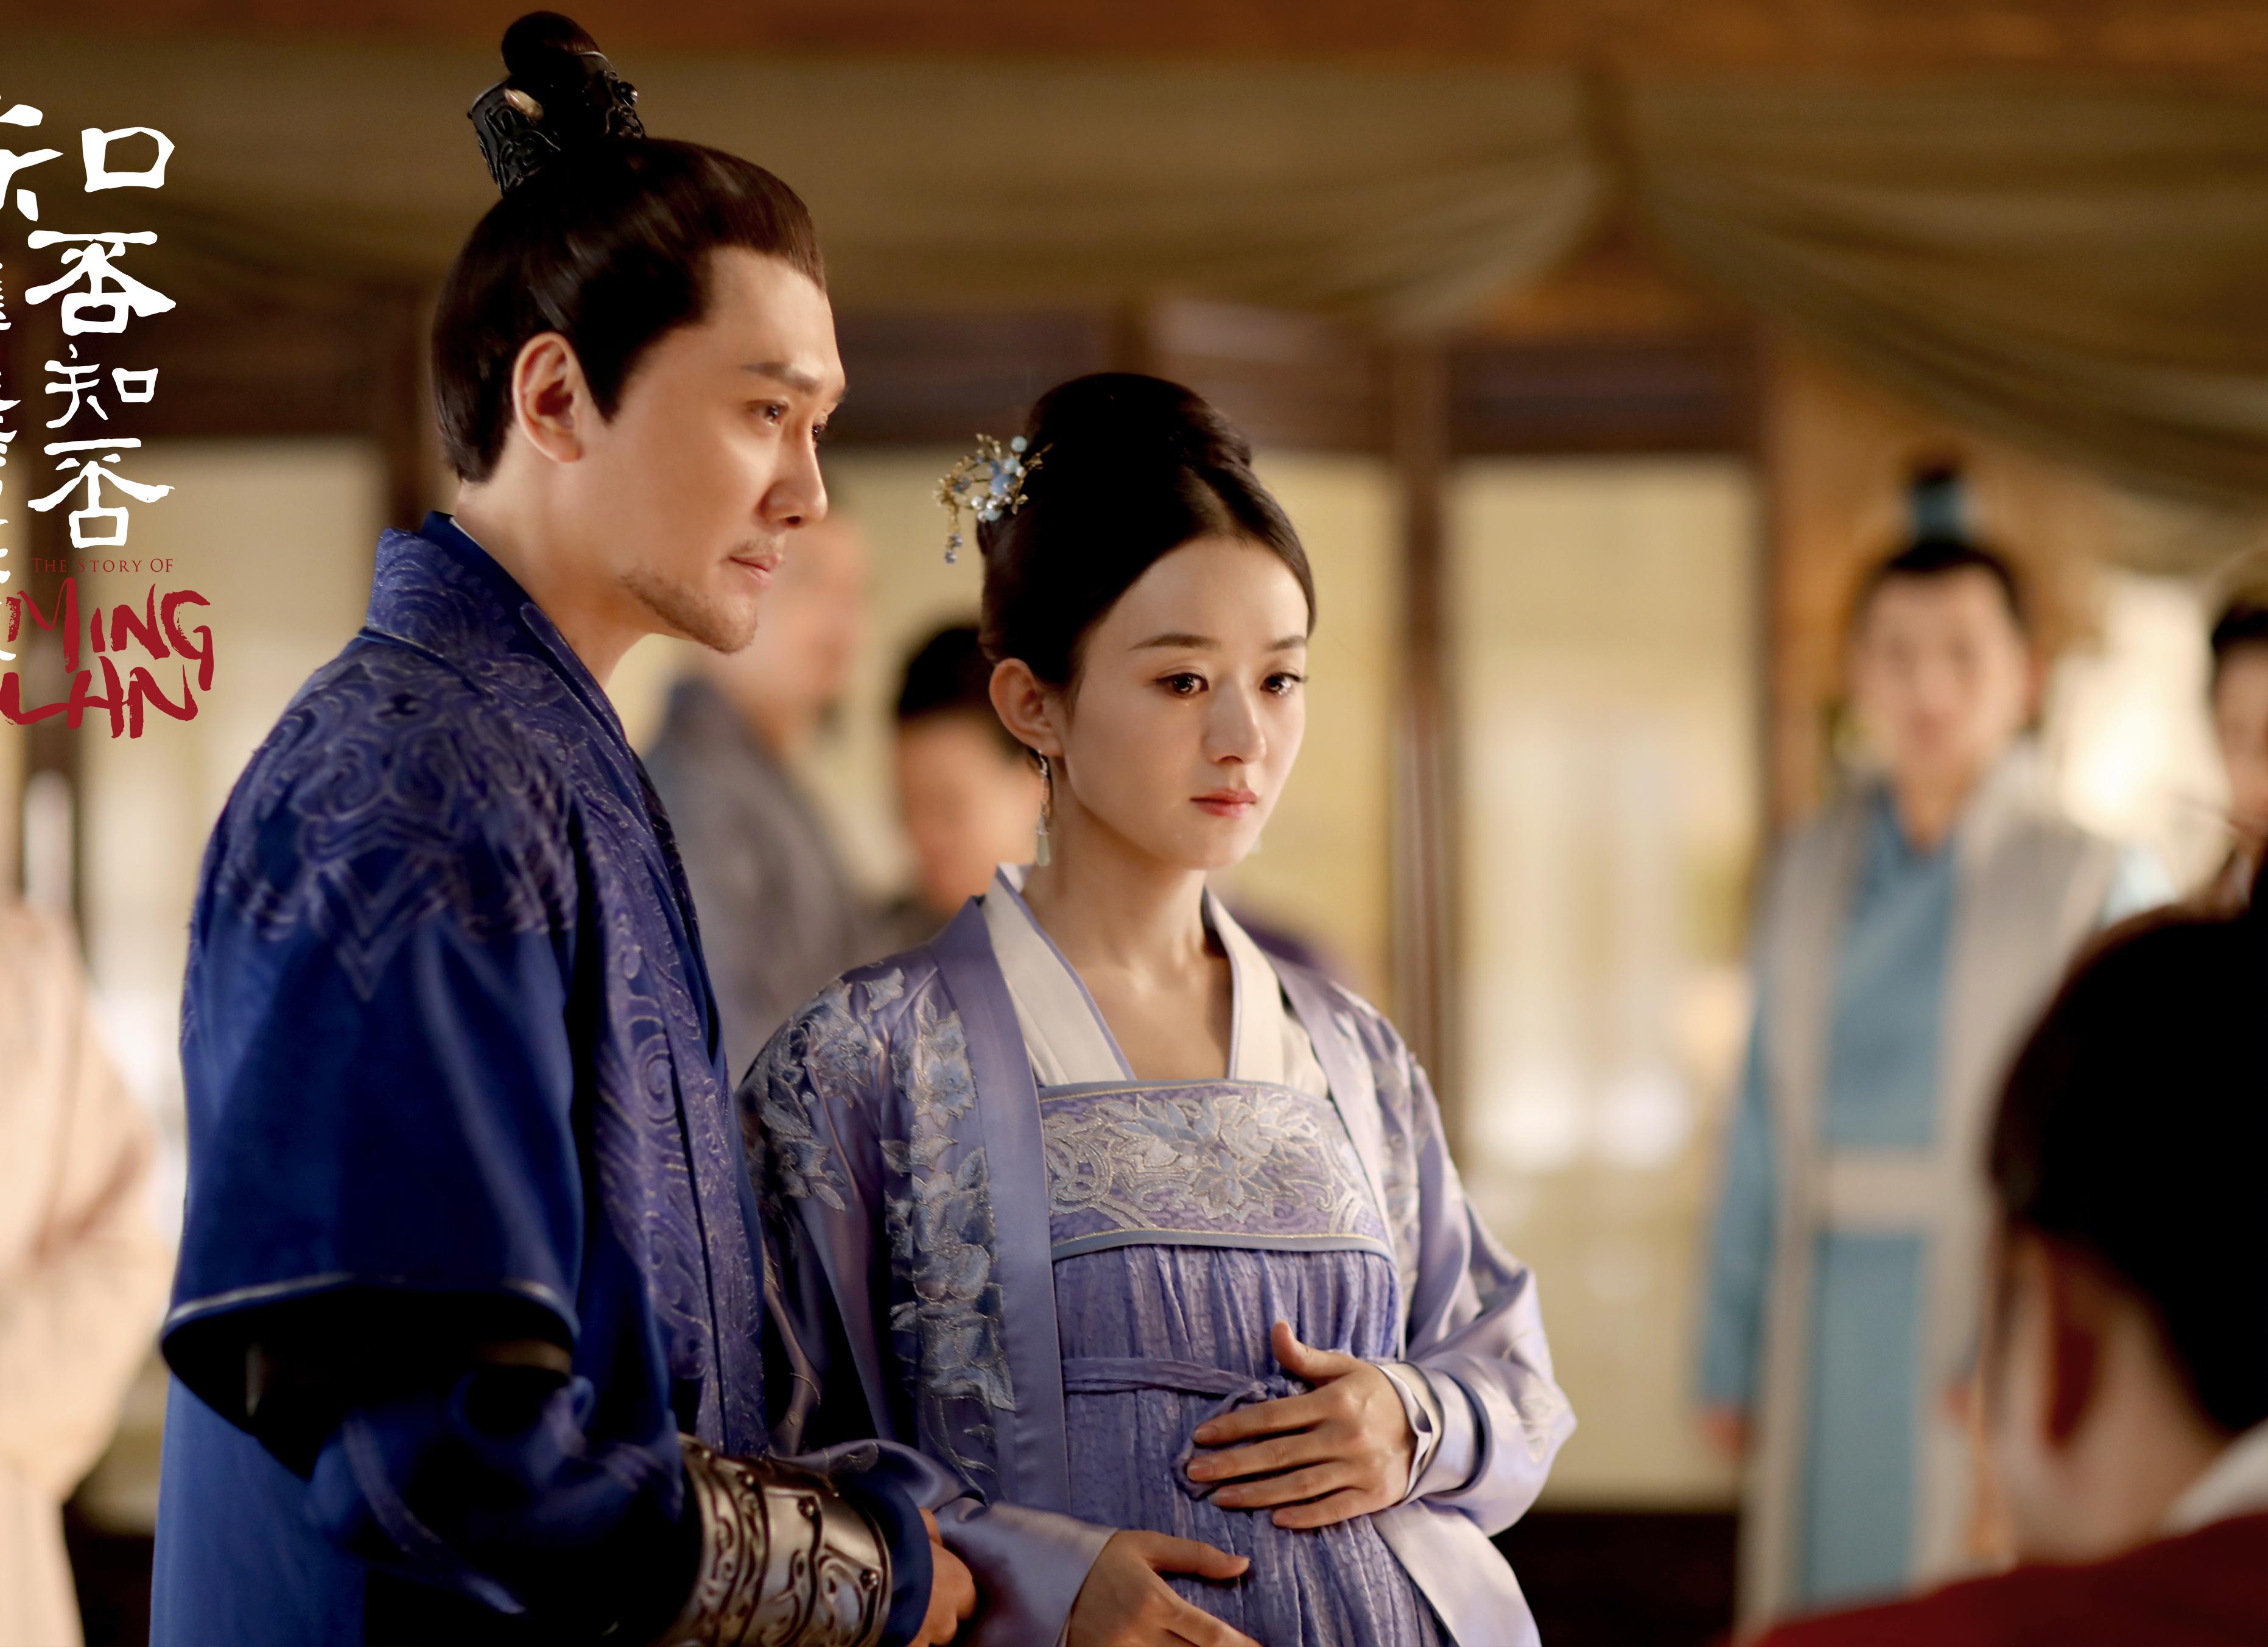 冯绍峰上门管谢娜要锁,对赵丽颖的称呼好甜,男星很少这样公开叫